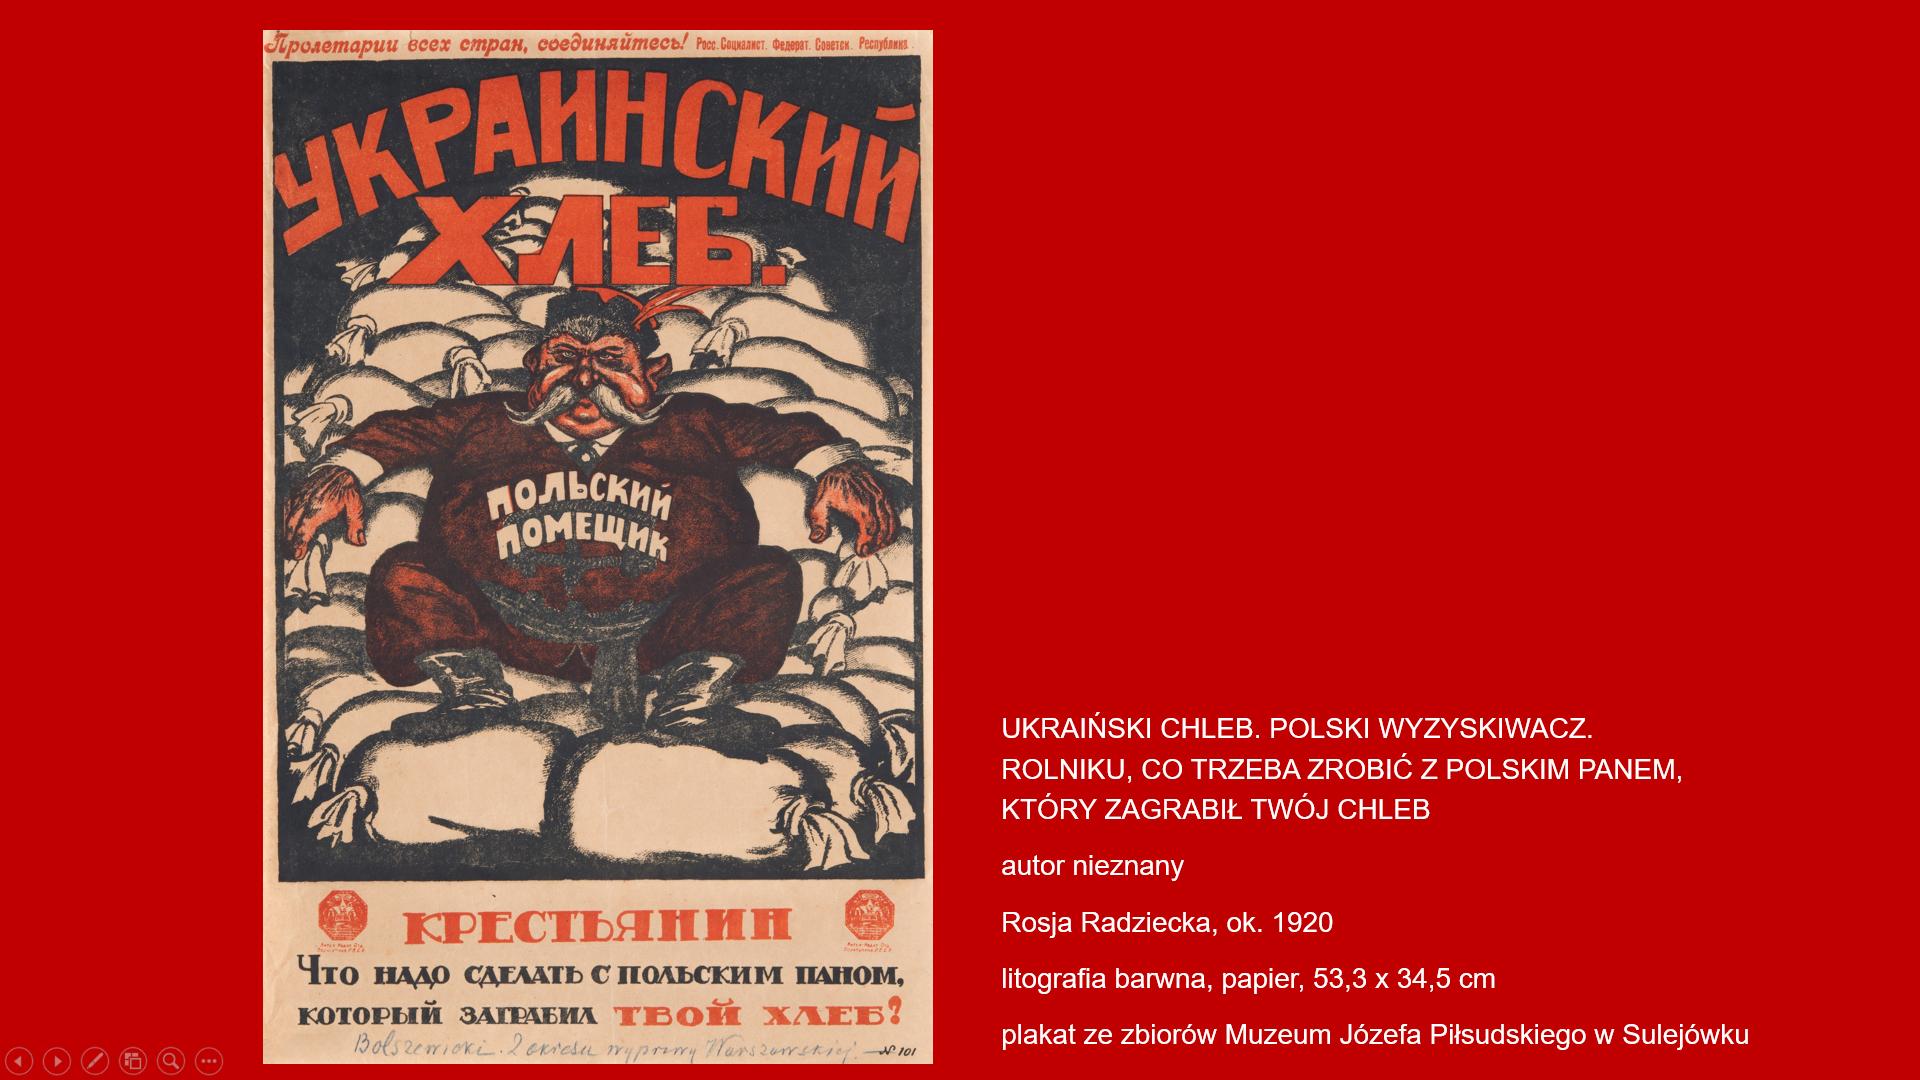 Na czerwonym tle plakat z przedstawieniem otyłego wąsatego mężczyzny siedzącego na wypełnionych workach. Nad głową mężczyzny napis cyrylicą: UKRAIŃSKI CHLEB. Na ubraniu mężczyzny napis cyrylicą: POLSKI WYZYSKIWACZ. Pod polem obrazowym napis cyrylicą: ROLNIKU, CO TRZEBA ZROBIĆ Z POLSKIM PANEM, KTÓRY ZAGRABIŁ TWÓJ CHLEB.